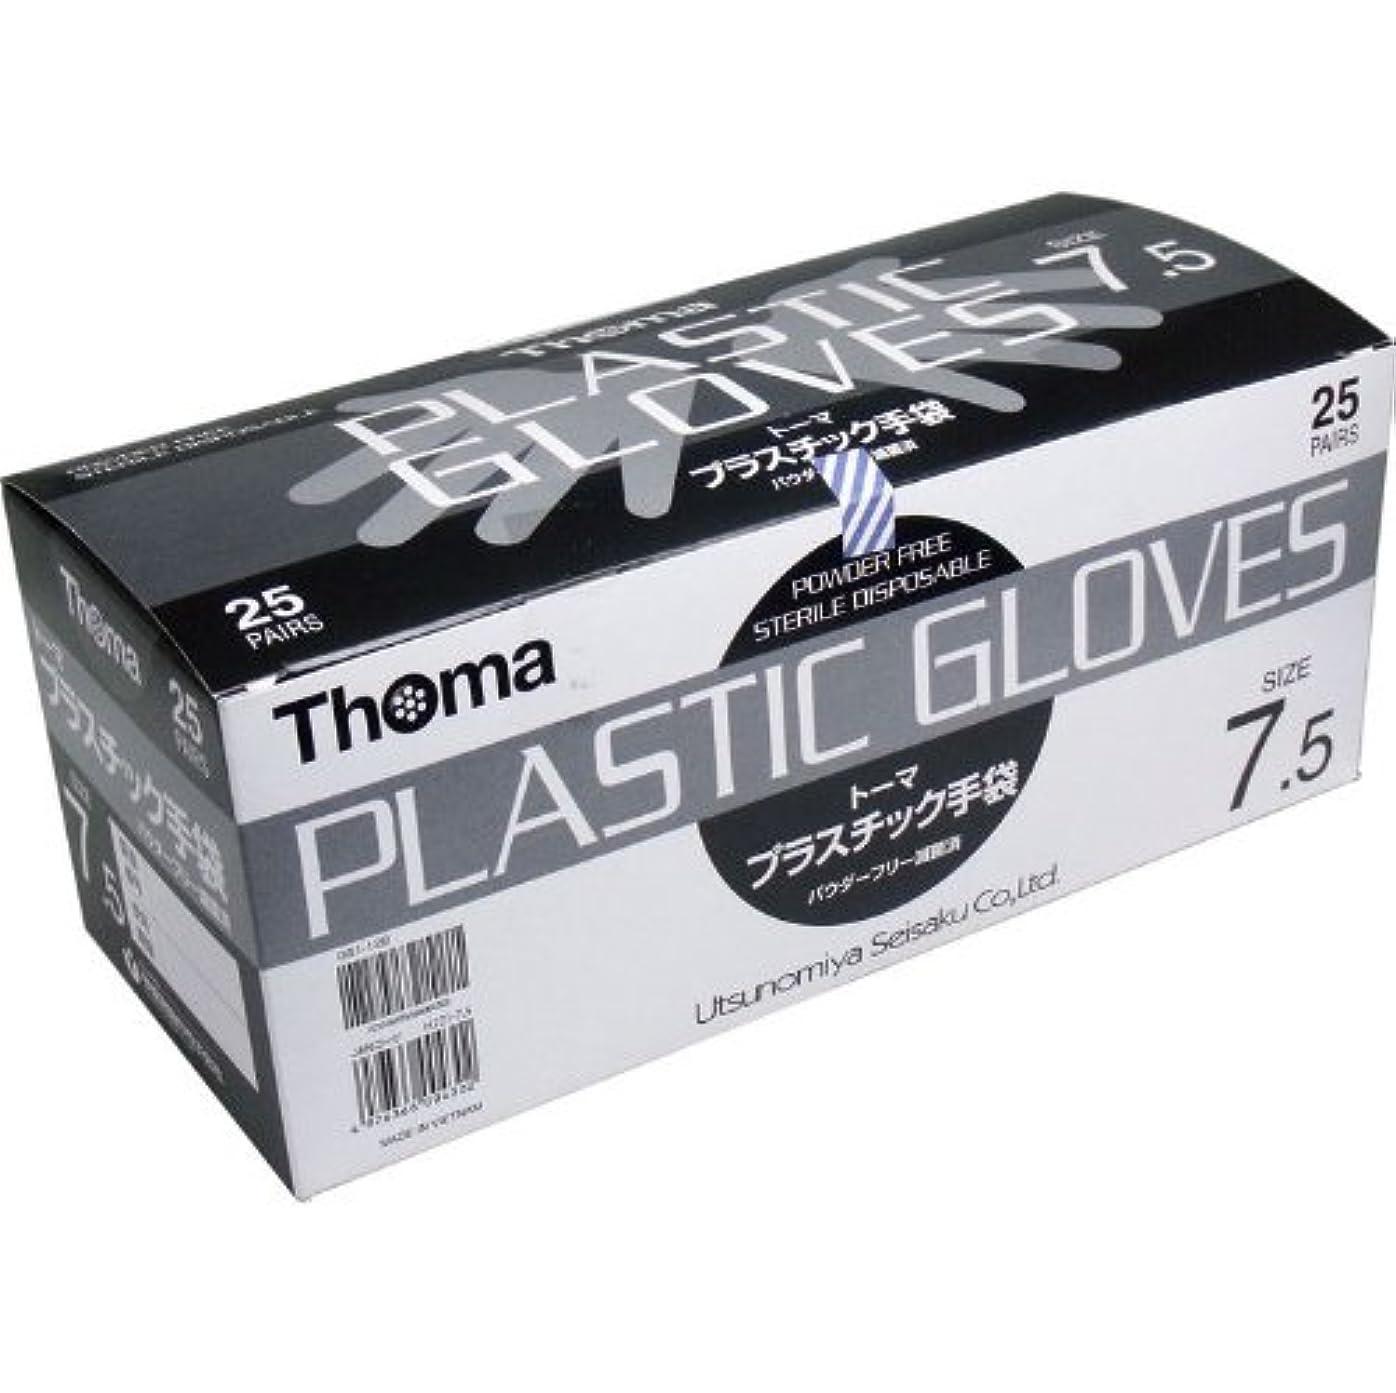 資金午後昇進パウダーフリー手袋 1双毎に滅菌包装、衛生的 便利 トーマ プラスチック手袋 パウダーフリー滅菌済 25双入 サイズ7.5【5個セット】